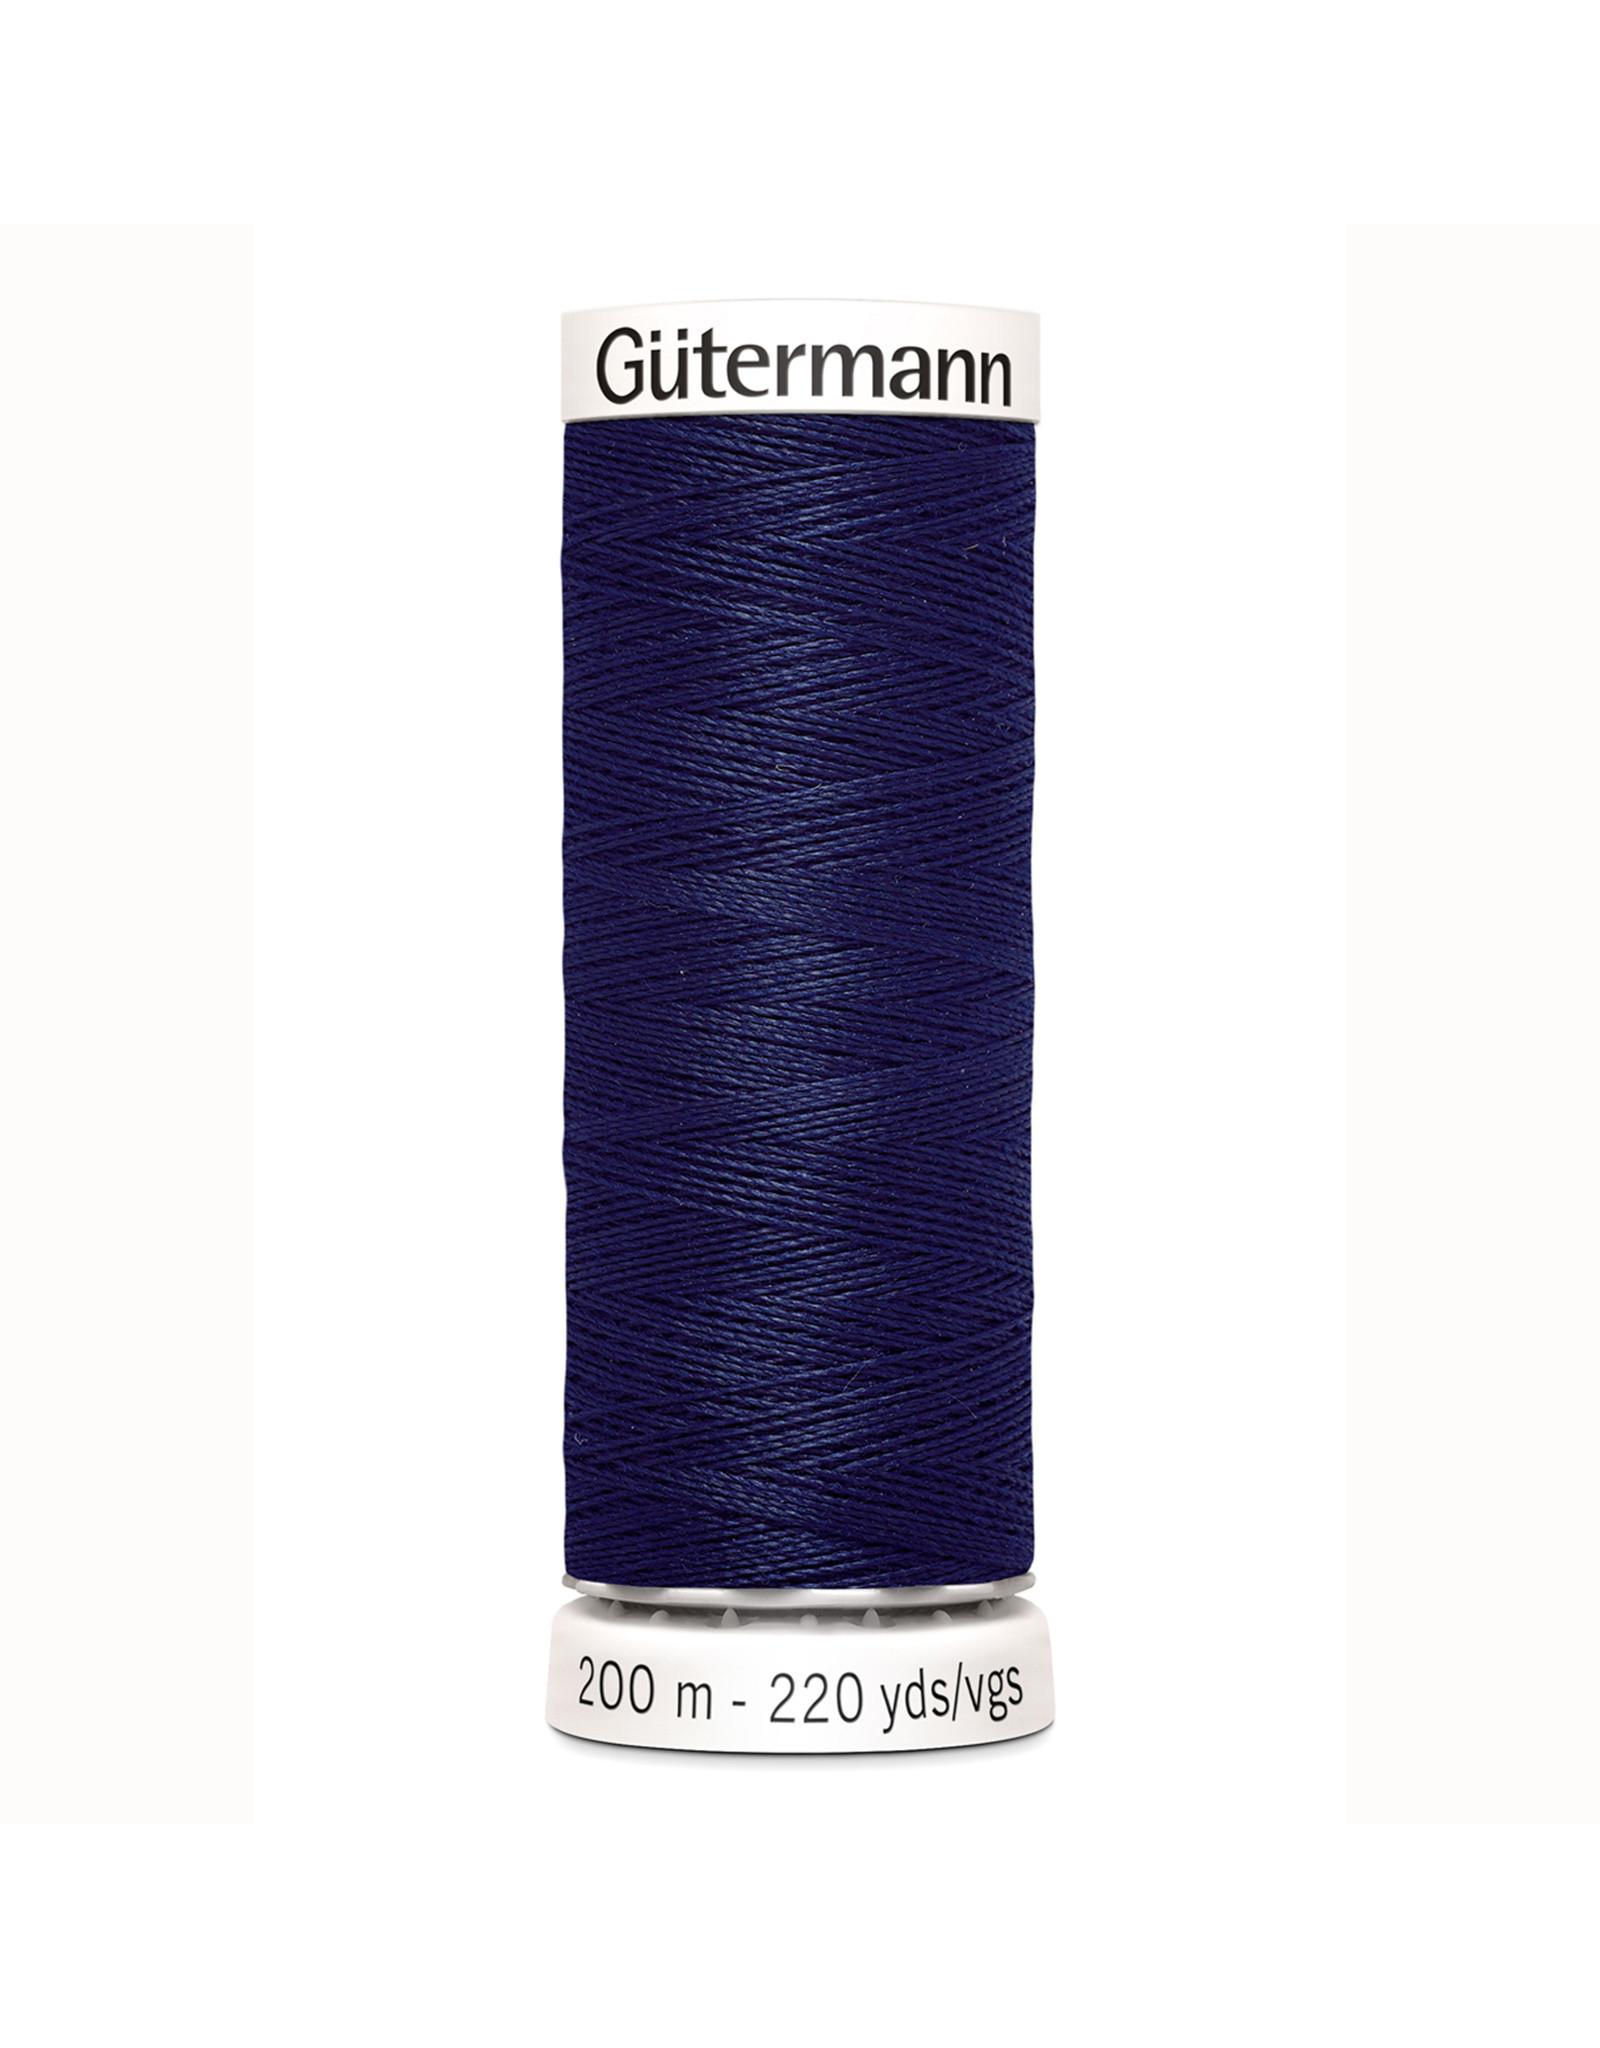 Gütermann Gütermann Nähgarn 200 m - nr 310